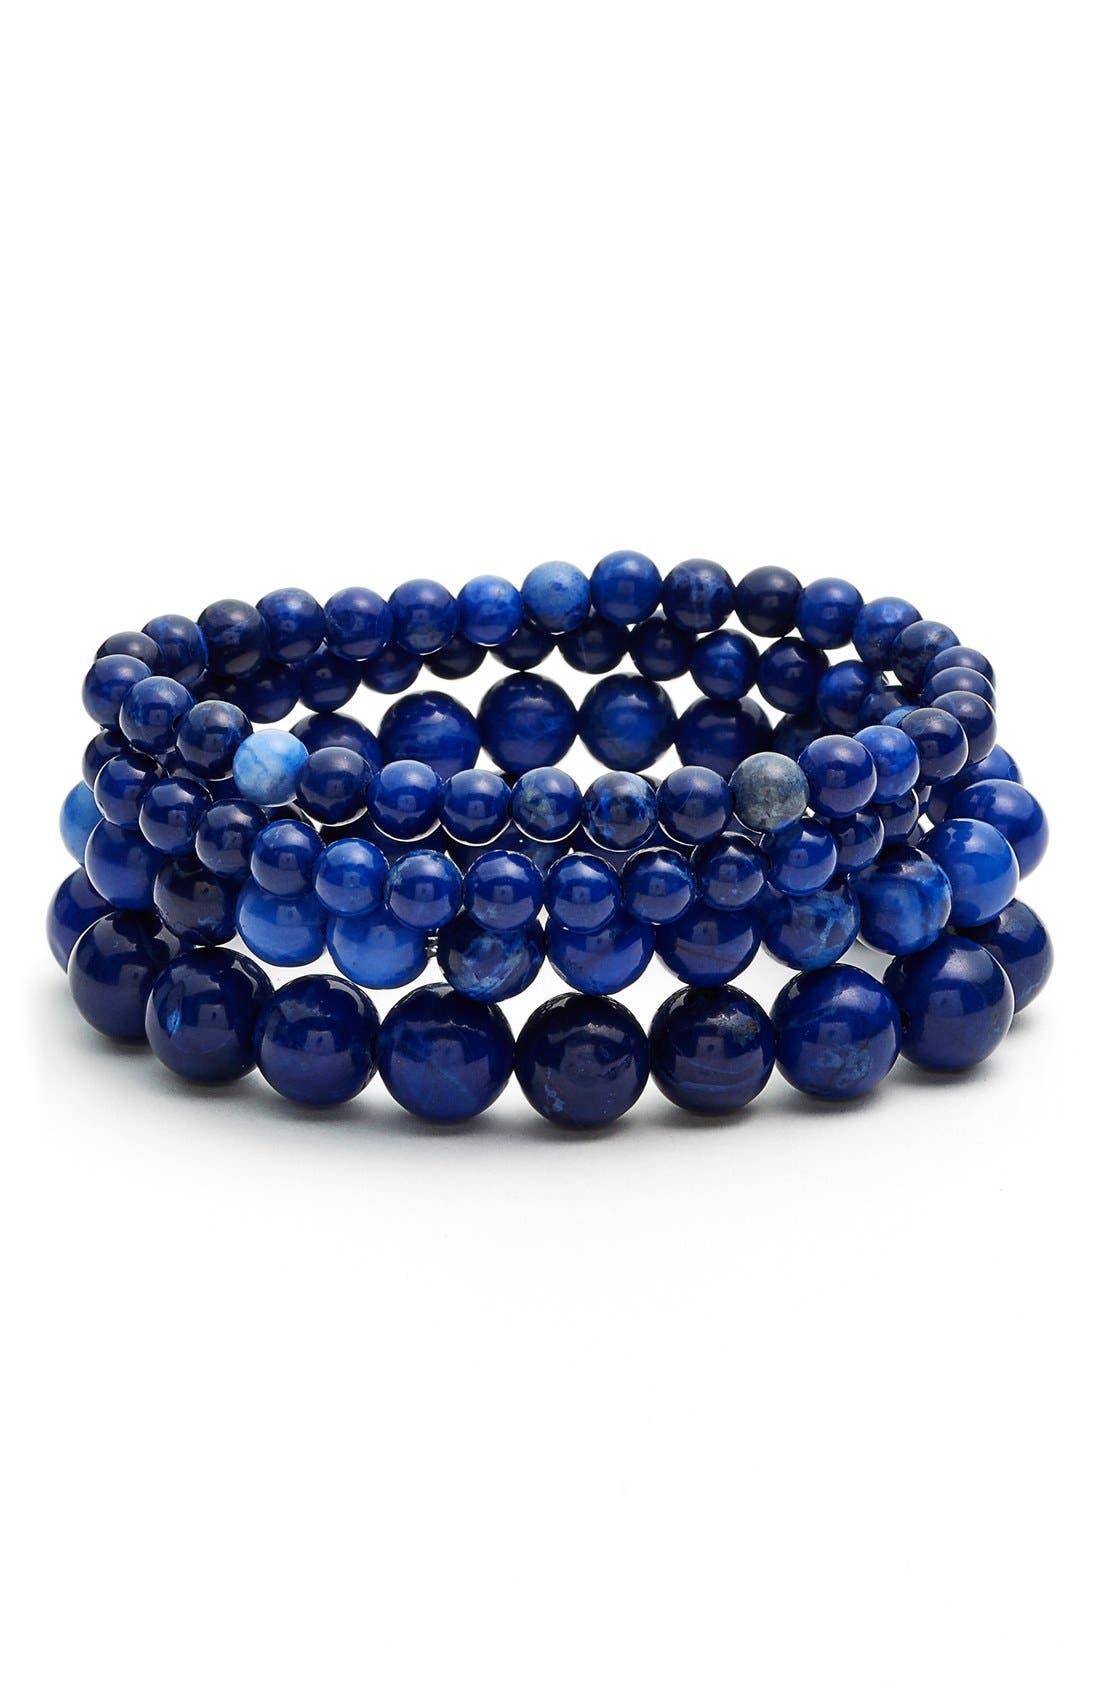 Alternate Image 1 Selected - Nordstrom Beaded Stretch Bracelets (Set of 4)